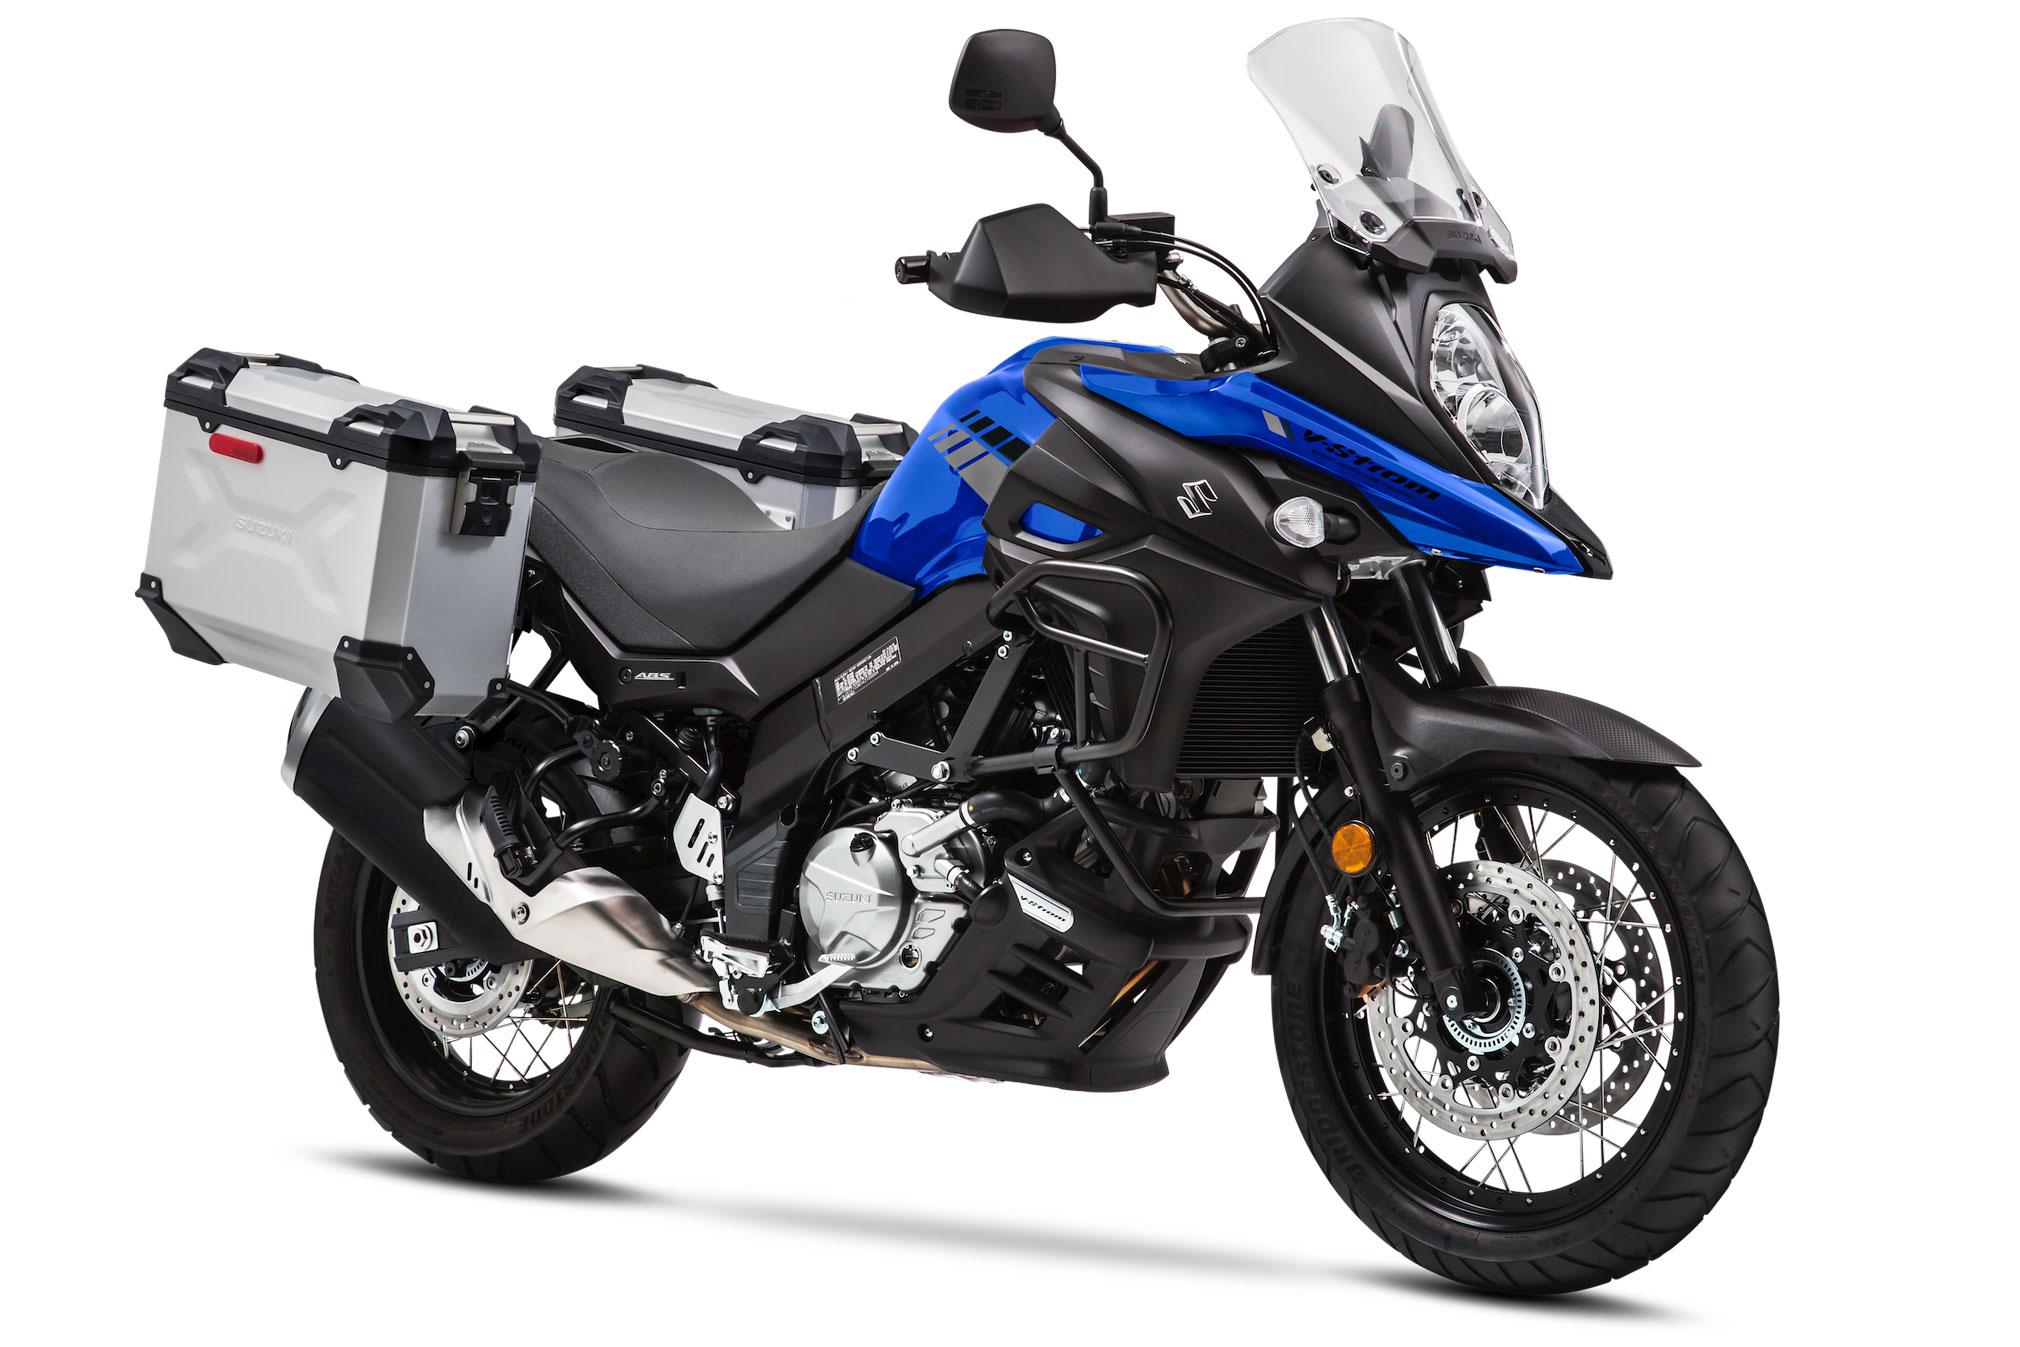 2020-Suzuki-V-Strom-650XT-Adventure Launched